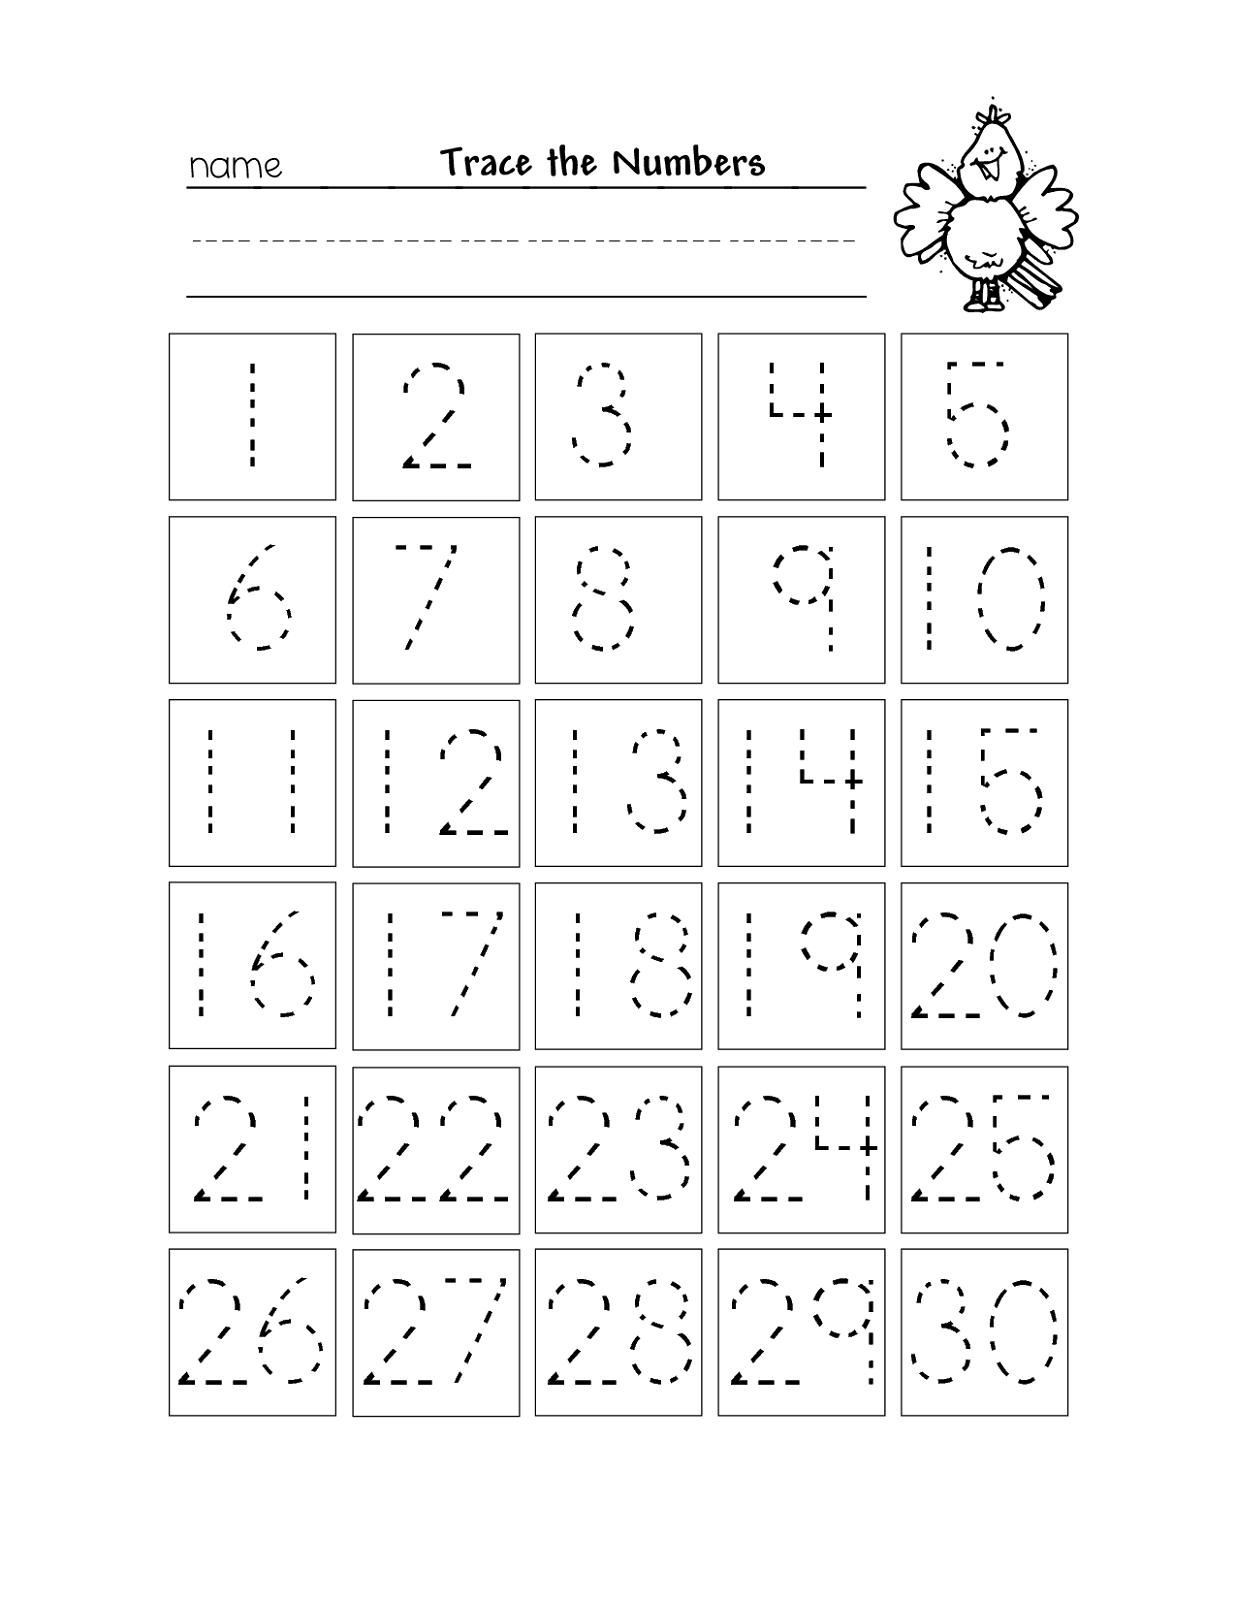 Free Printable Number Chart 1-30   Kinder   Number Tracing - Free Printable Numbers 1 20 Worksheets